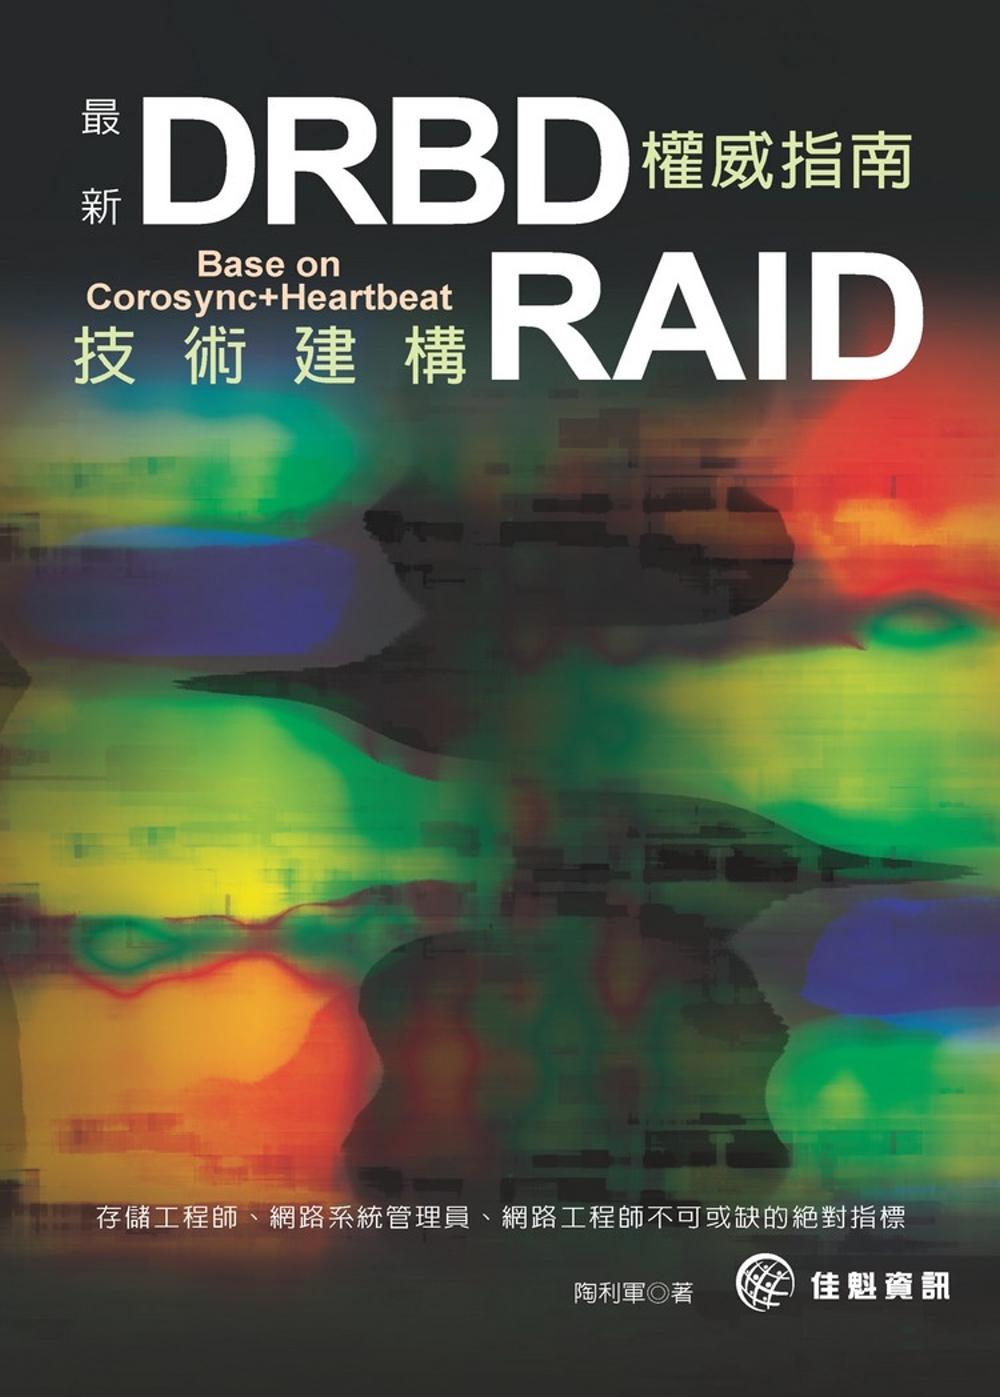 最新DRBD權威指南:Base on Corosync+Heartbeat 技術建構 RAID